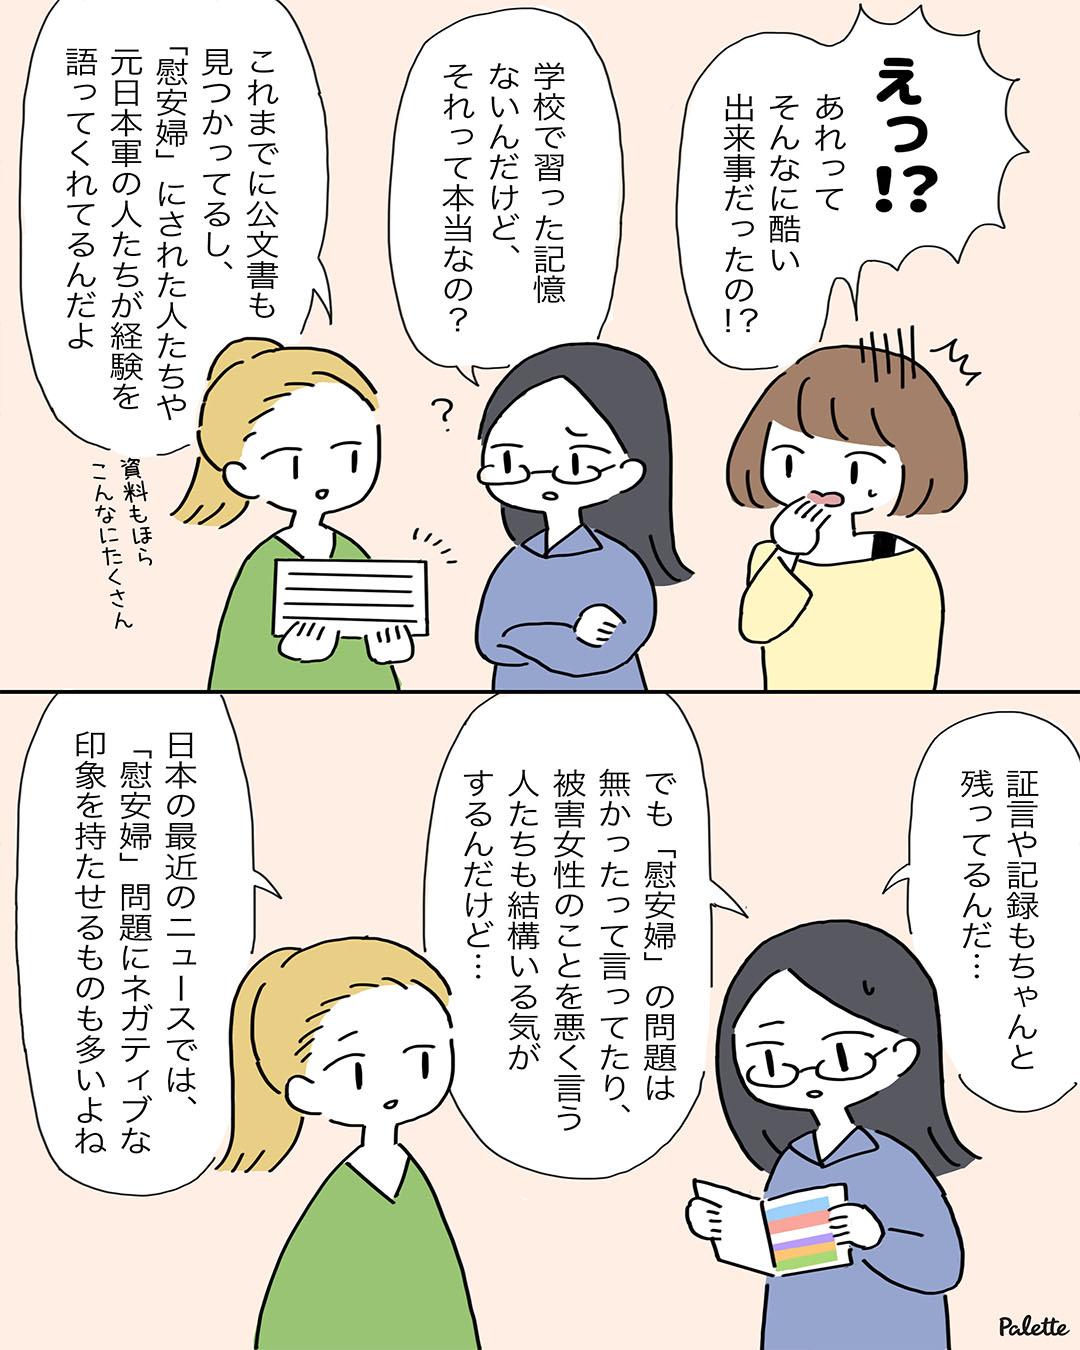 明日少女隊 ⚡️Tomorrow Girls Troop⚡️ 내일소녀단